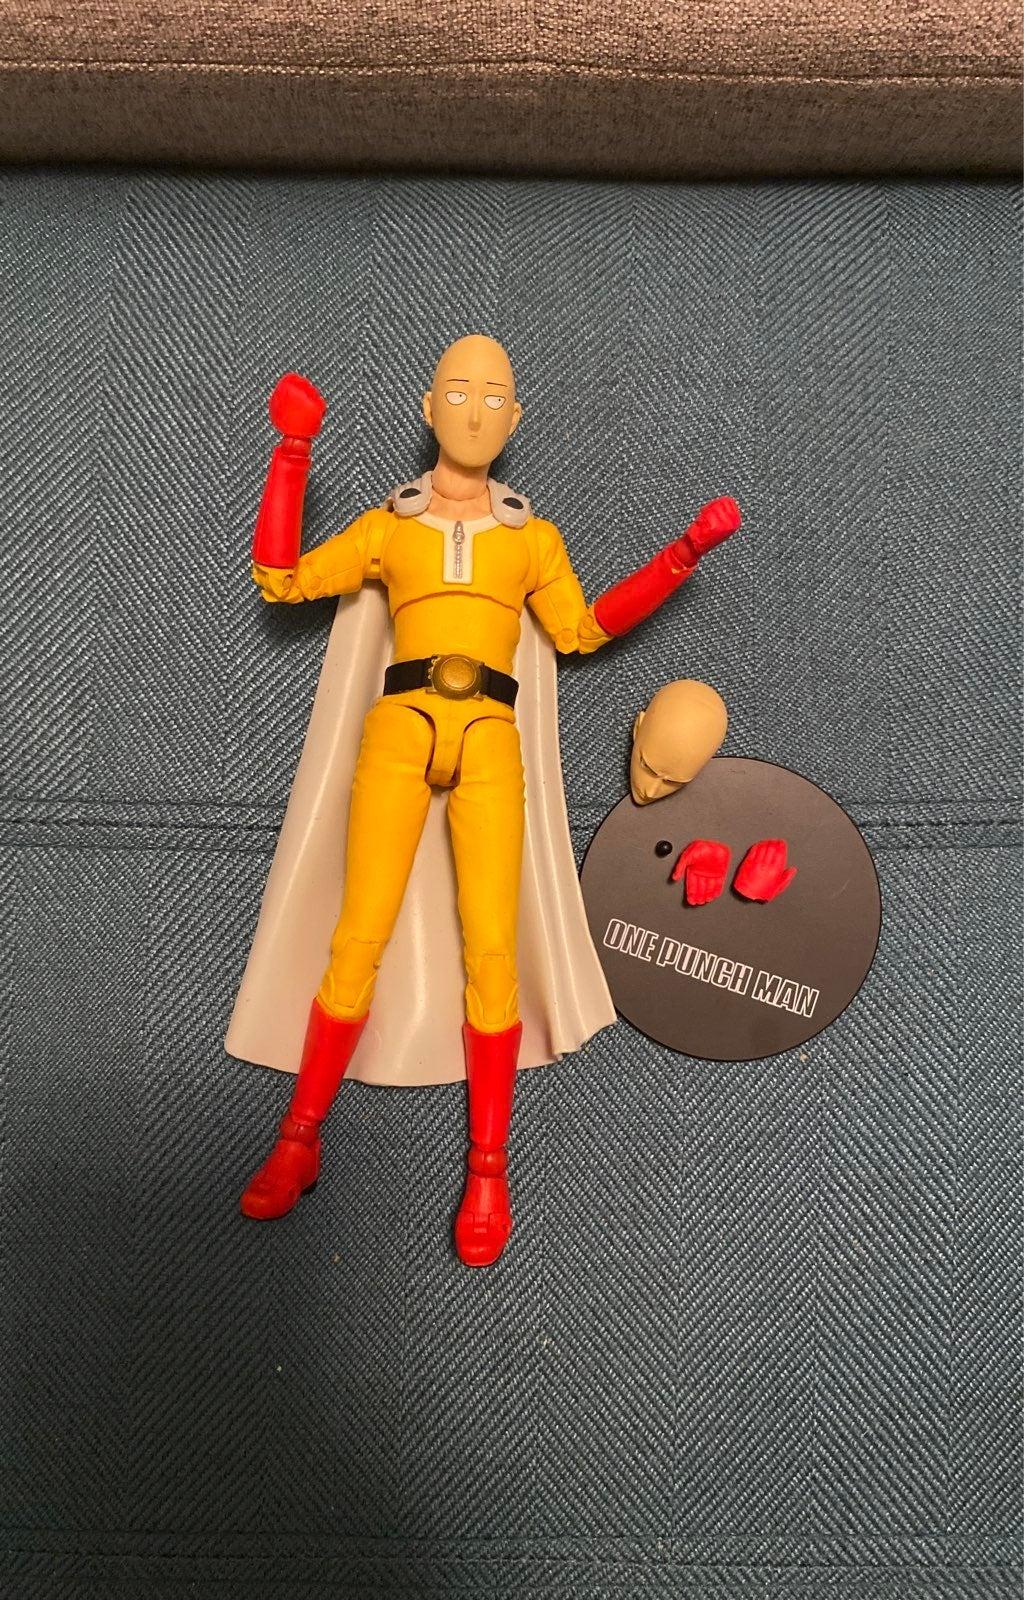 One Punch Man Saitama McFarlane Toy